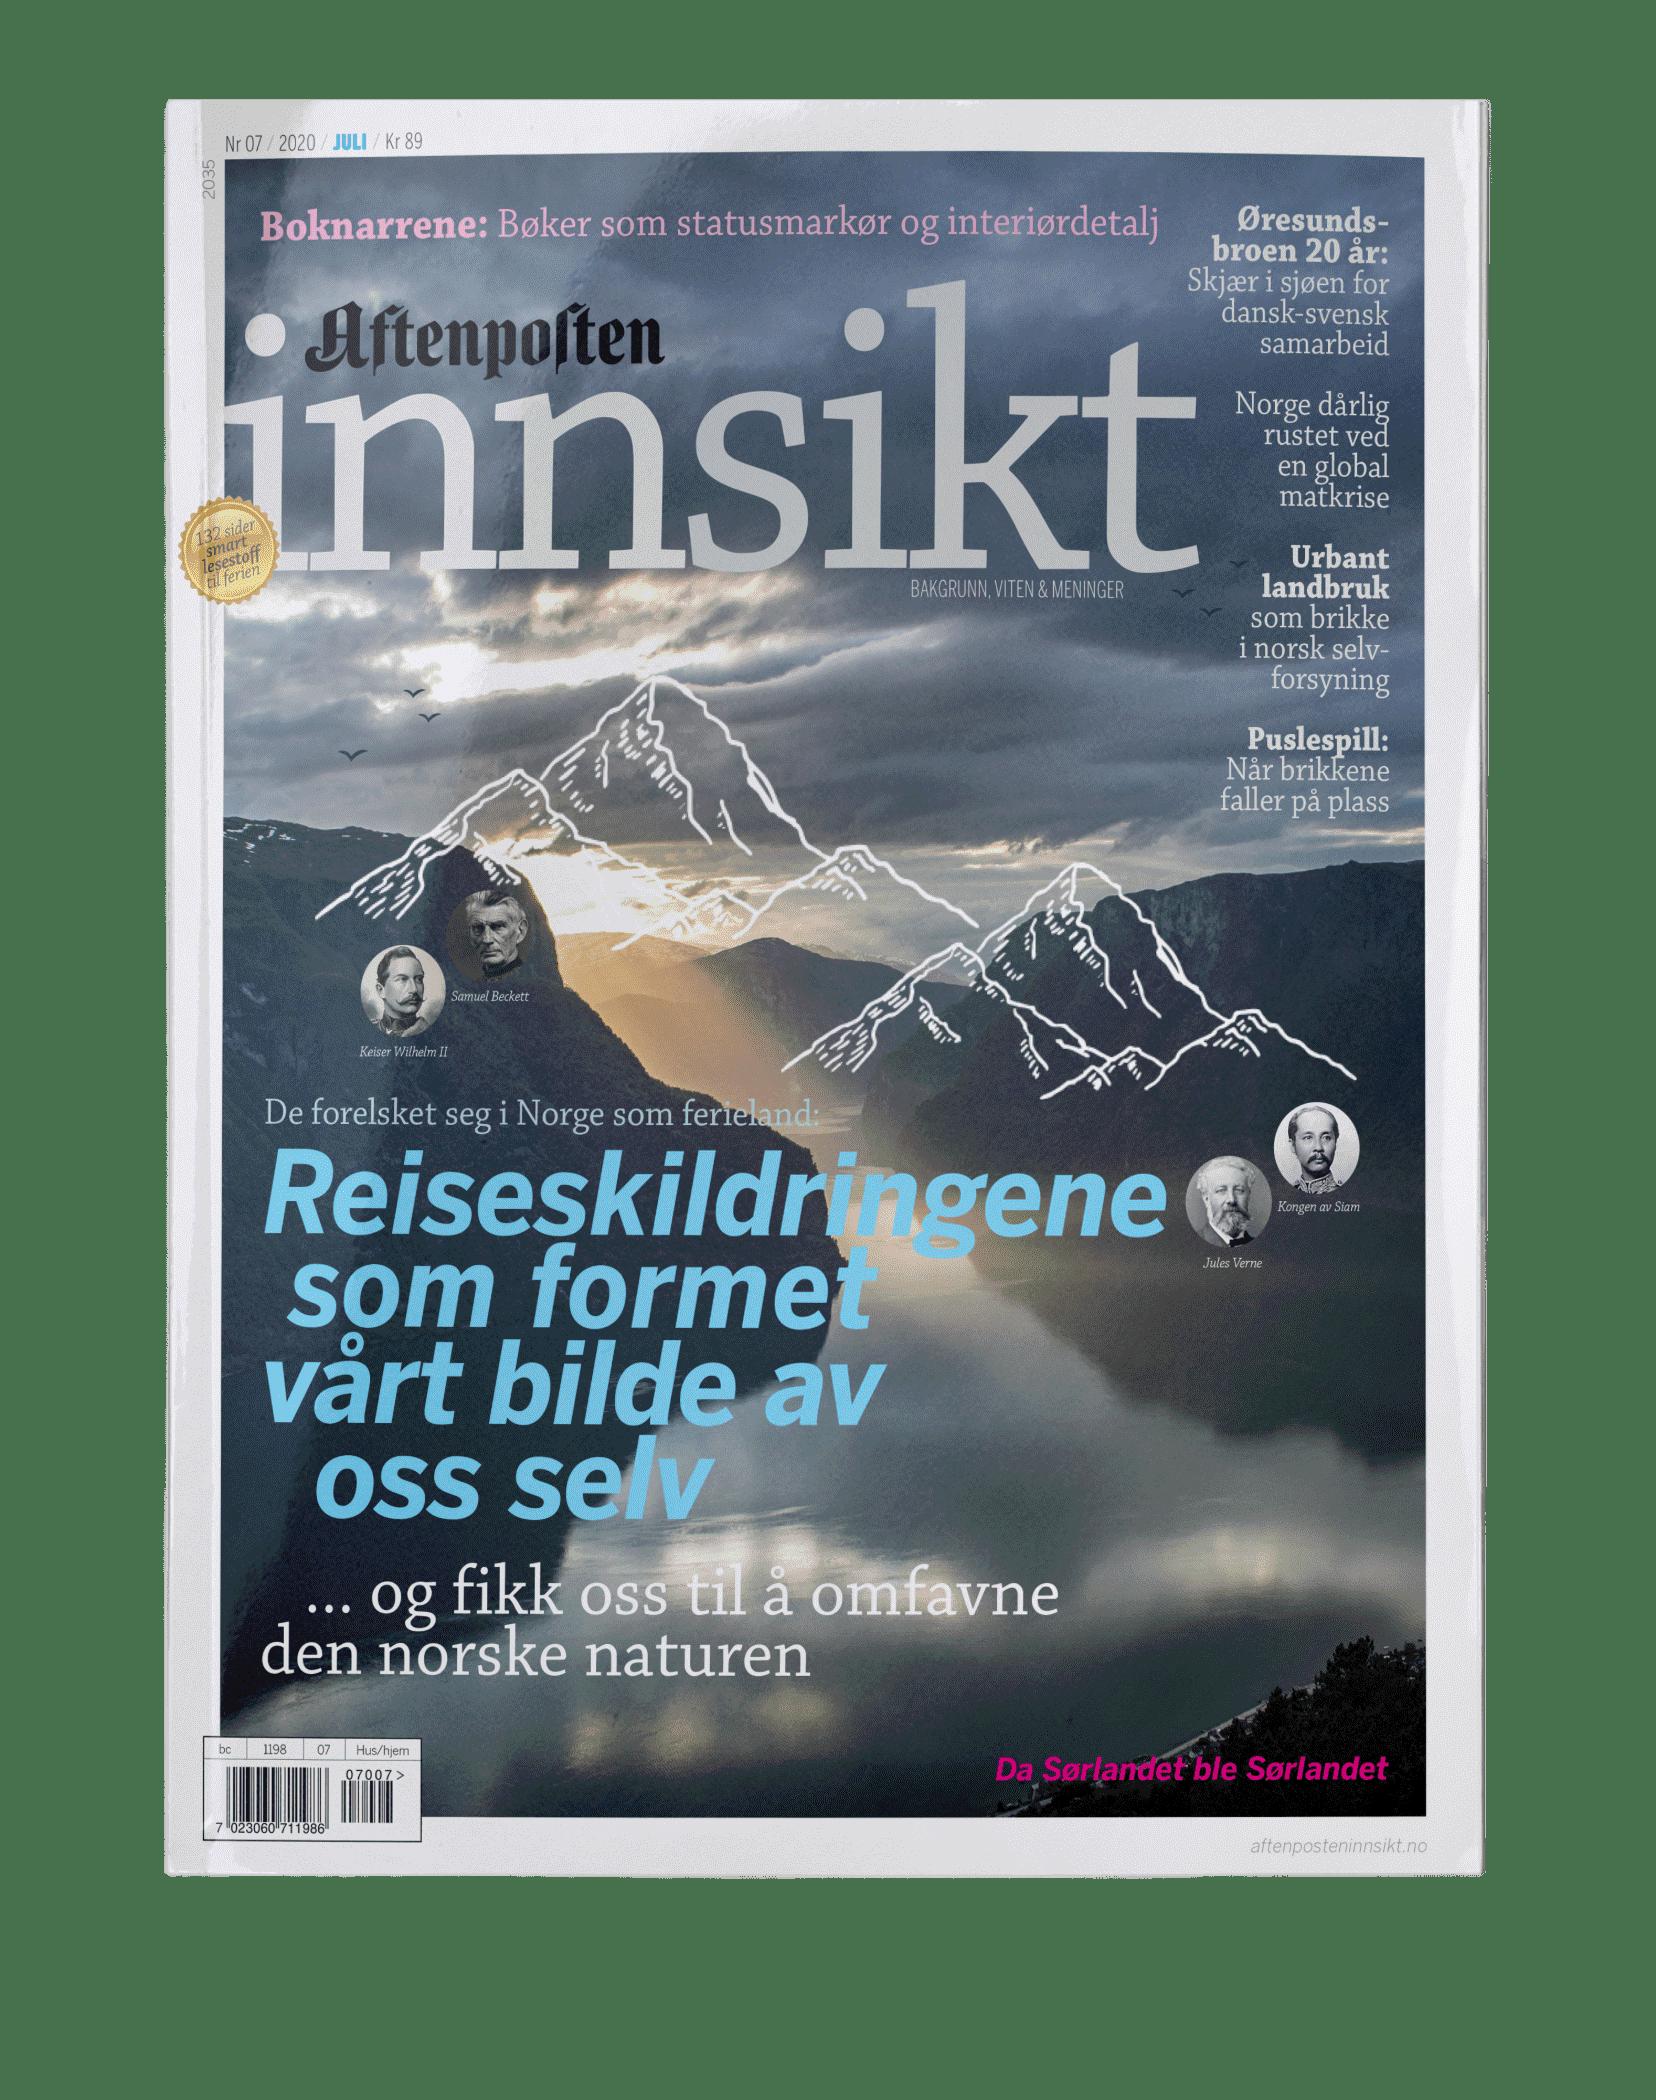 INN_HOST20.png